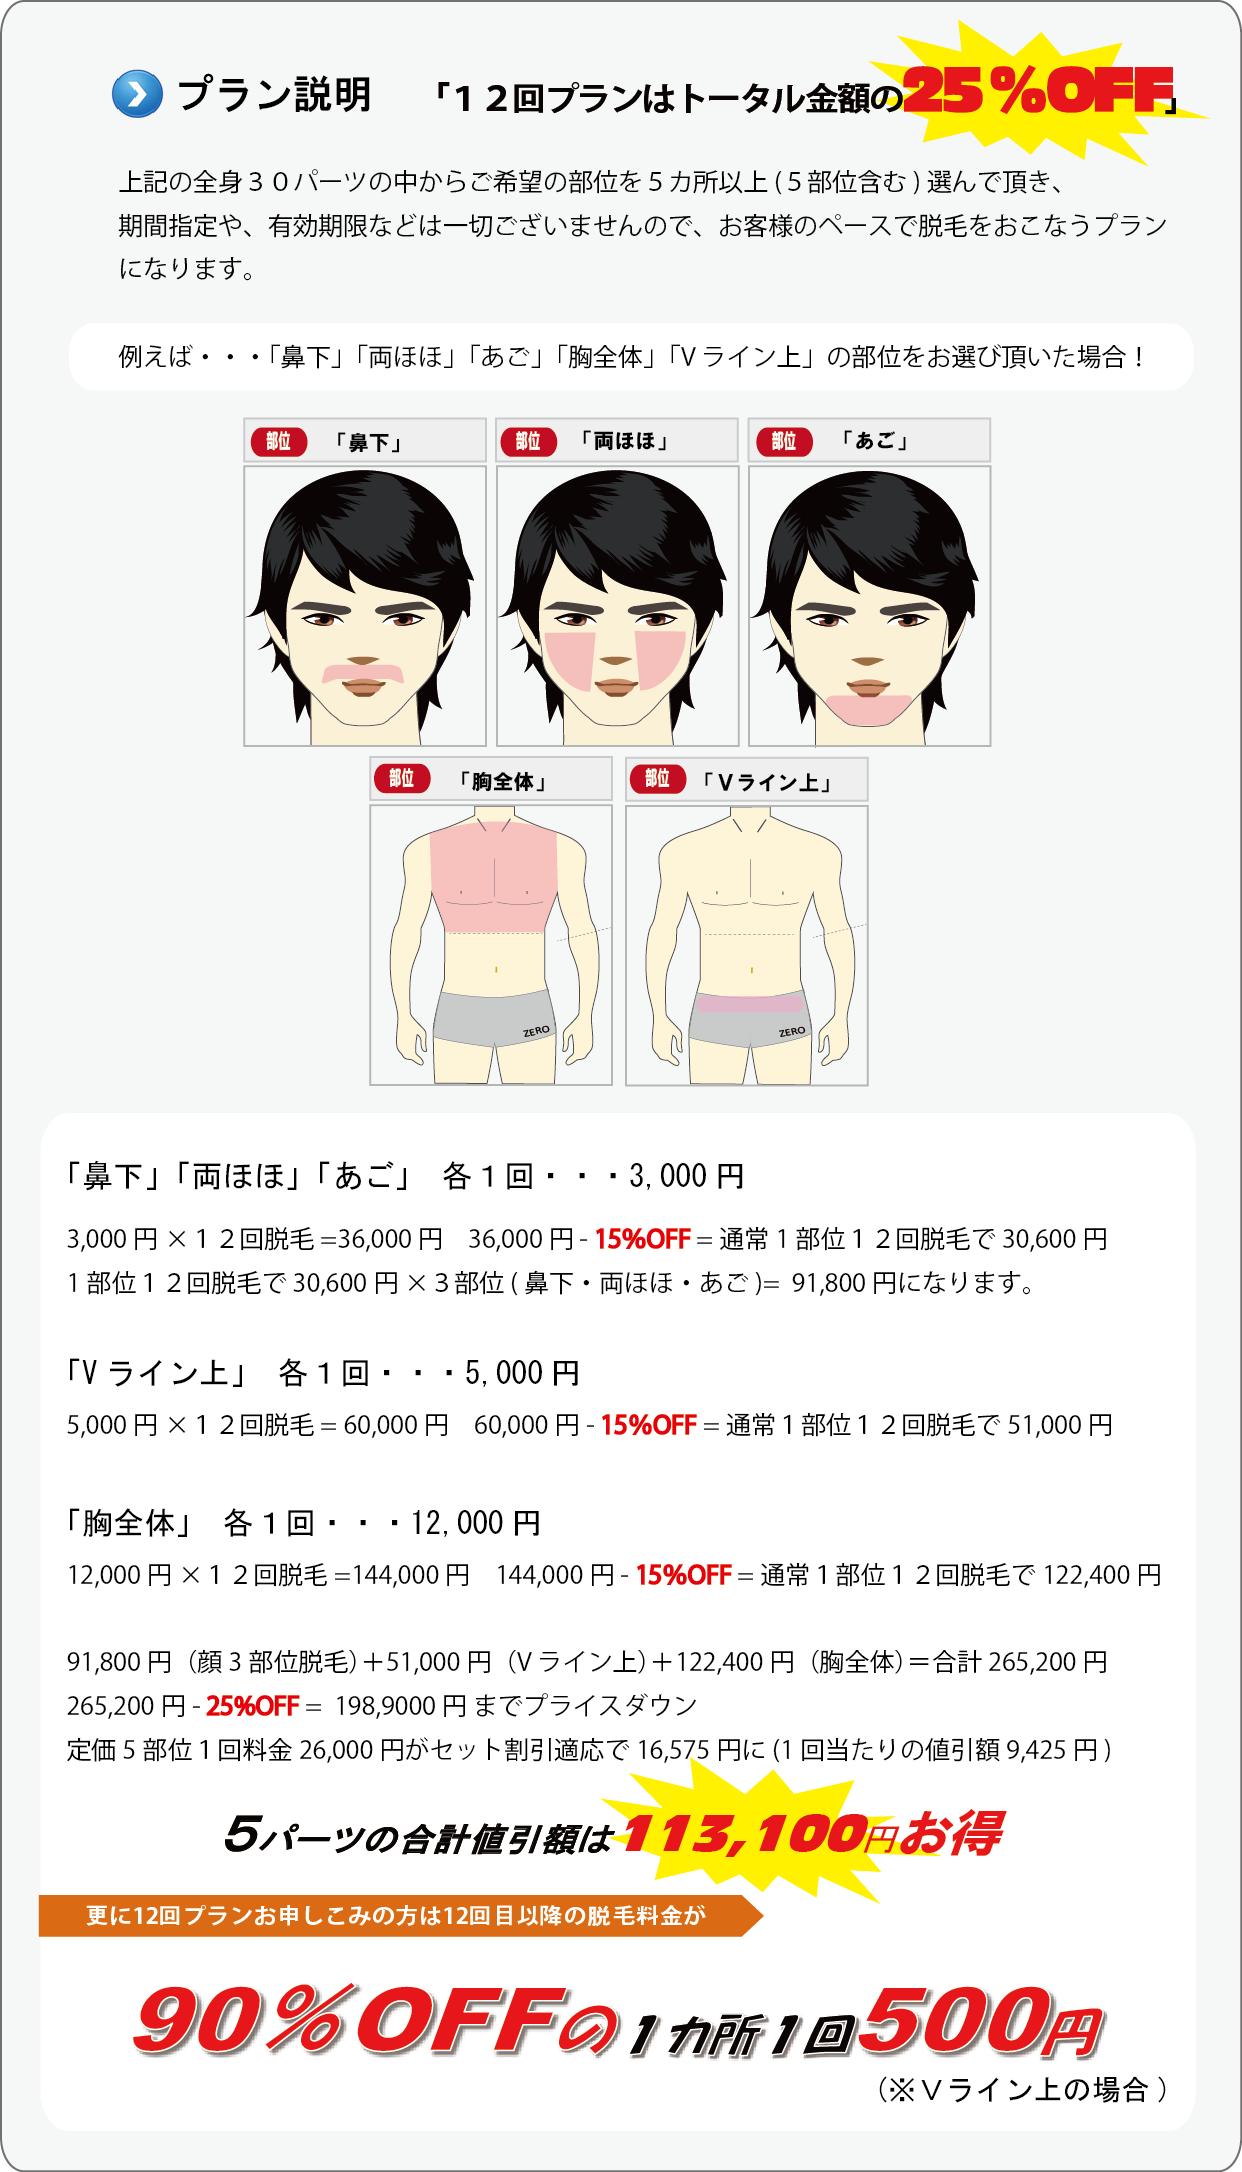 5部位12回セット脱毛の説明。上記の全身30パーツの中からご希望の部位を5カ所以上(5部位含む)選んで頂き、期間指定や、有効期限などは一切ございませんので、お客様のペースで脱毛をおこなうプランになります。例えば・・・「鼻下」「両ほほ」「あご」「胸全体」「Vライン上」の部位をお選び頂いた場合!「鼻下」「両ほほ」「あご」 各1回・・・3,000円3,000円×12回脱毛=36,000円 36,000円 - 15%OFF = 通常1部位12回脱毛で30,600円1部位12回脱毛で30,600円 ×3部位 (鼻下・両ほほ・あご)=  91,800円になります。「Vライン上」 各1回・・・5,000円5,000円×12回脱毛= 60,000円 60,000円- 15%OFF =通常1部位12回脱毛で51,000円「胸全体」 各1回・・・12,000円12,000円×12回脱毛 =144,000 円 144,000円- 15%OFF =通常1部位12回脱毛で122,400円91,800円(顔3部位脱毛)+51,000円(Vライン上)+122,400円(胸全体)=合計265,200円265,200円- 25%OFF =  198,9000円 までプライスダウン定価5部位1回料金26,000円がセット割引適応で16,575円に (1回当たりの値引額9,425円) 5部位の合計値引き額は113,110円お得になります。